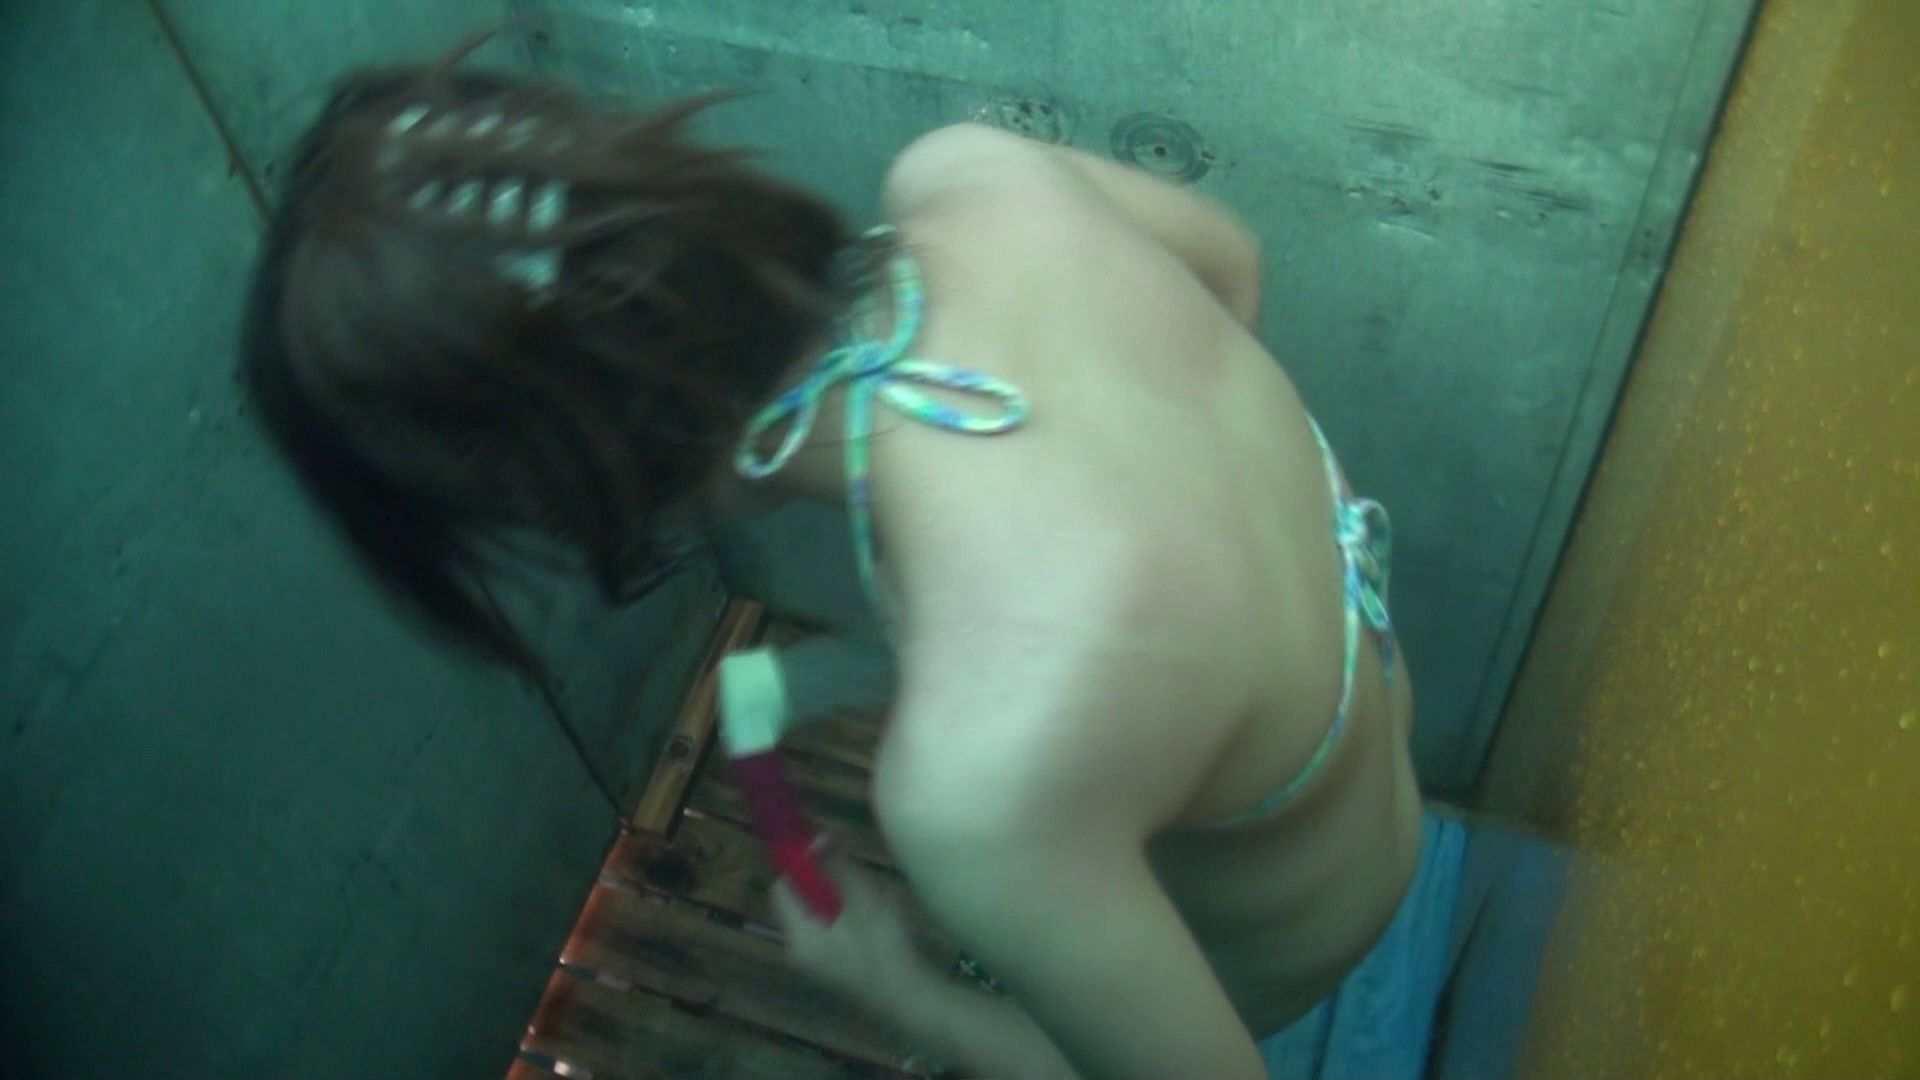 シャワールームは超!!危険な香りVol.15 残念ですが乳首未確認 マンコの砂は入念に マンコ映像 | 美女OL  63連発 36